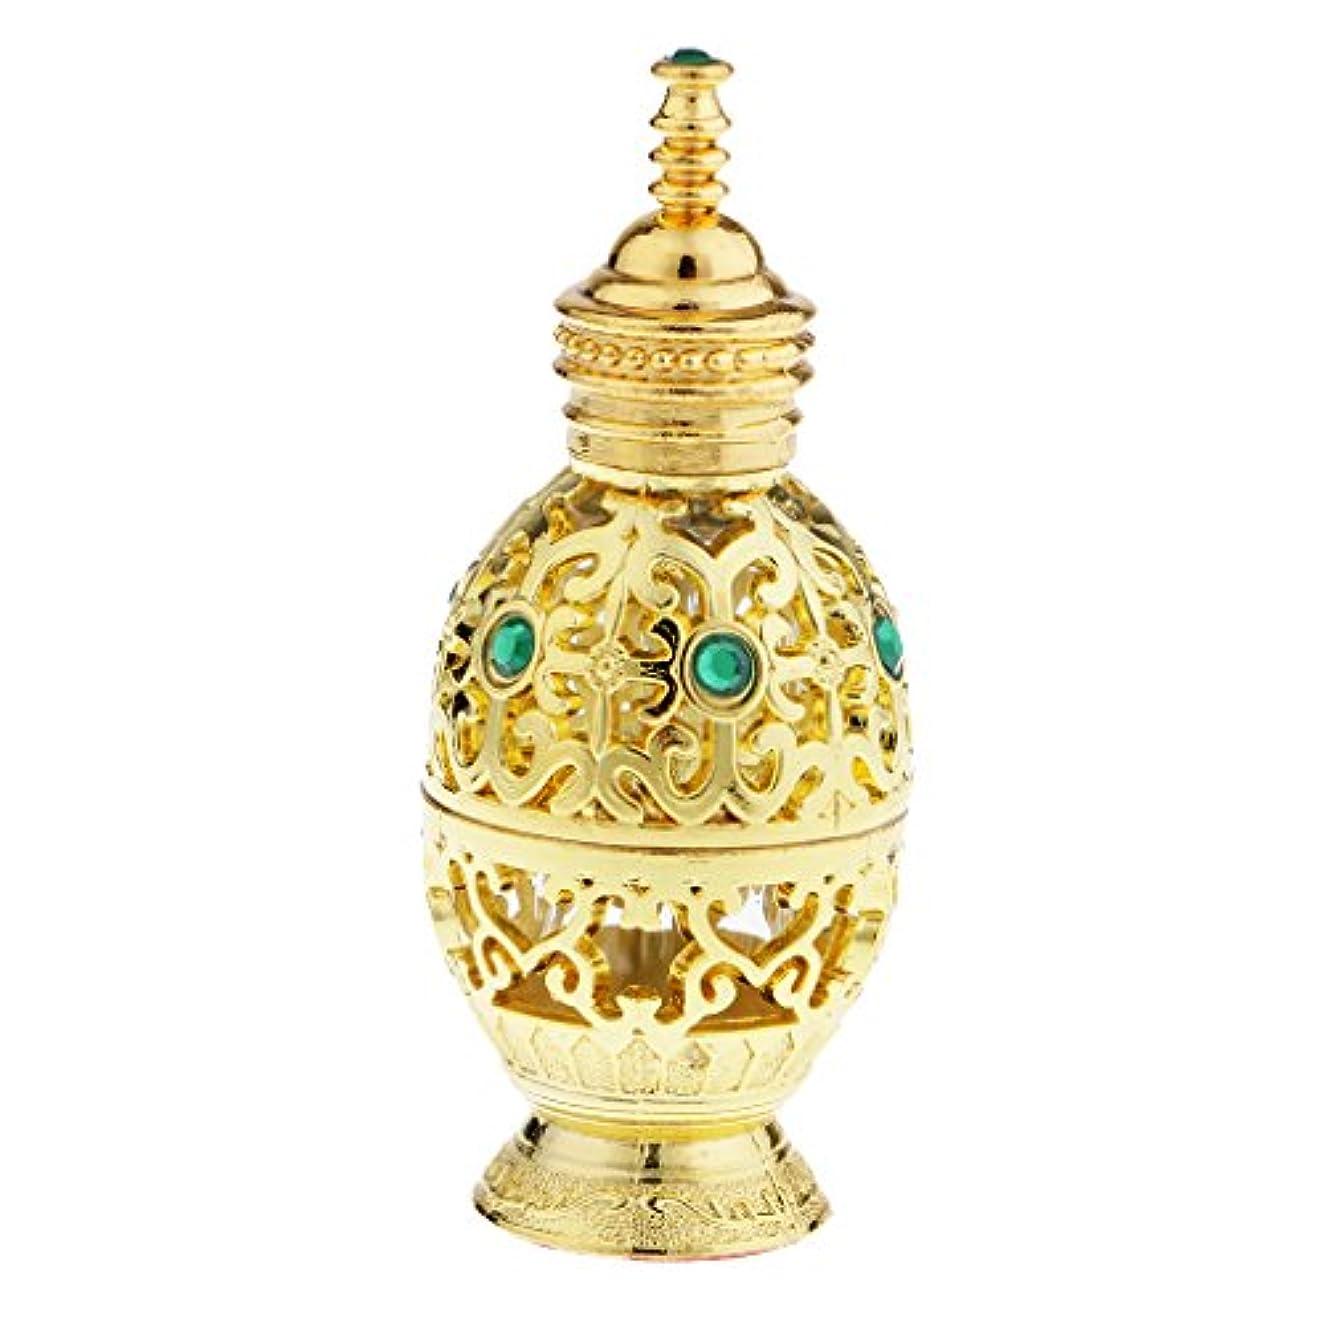 水分を除く巨大10ml ヴィンテージ 香水ボトル 中東スタイル 香水瓶 ゴールド エッセンシャルオイルボトル 精油ボトル